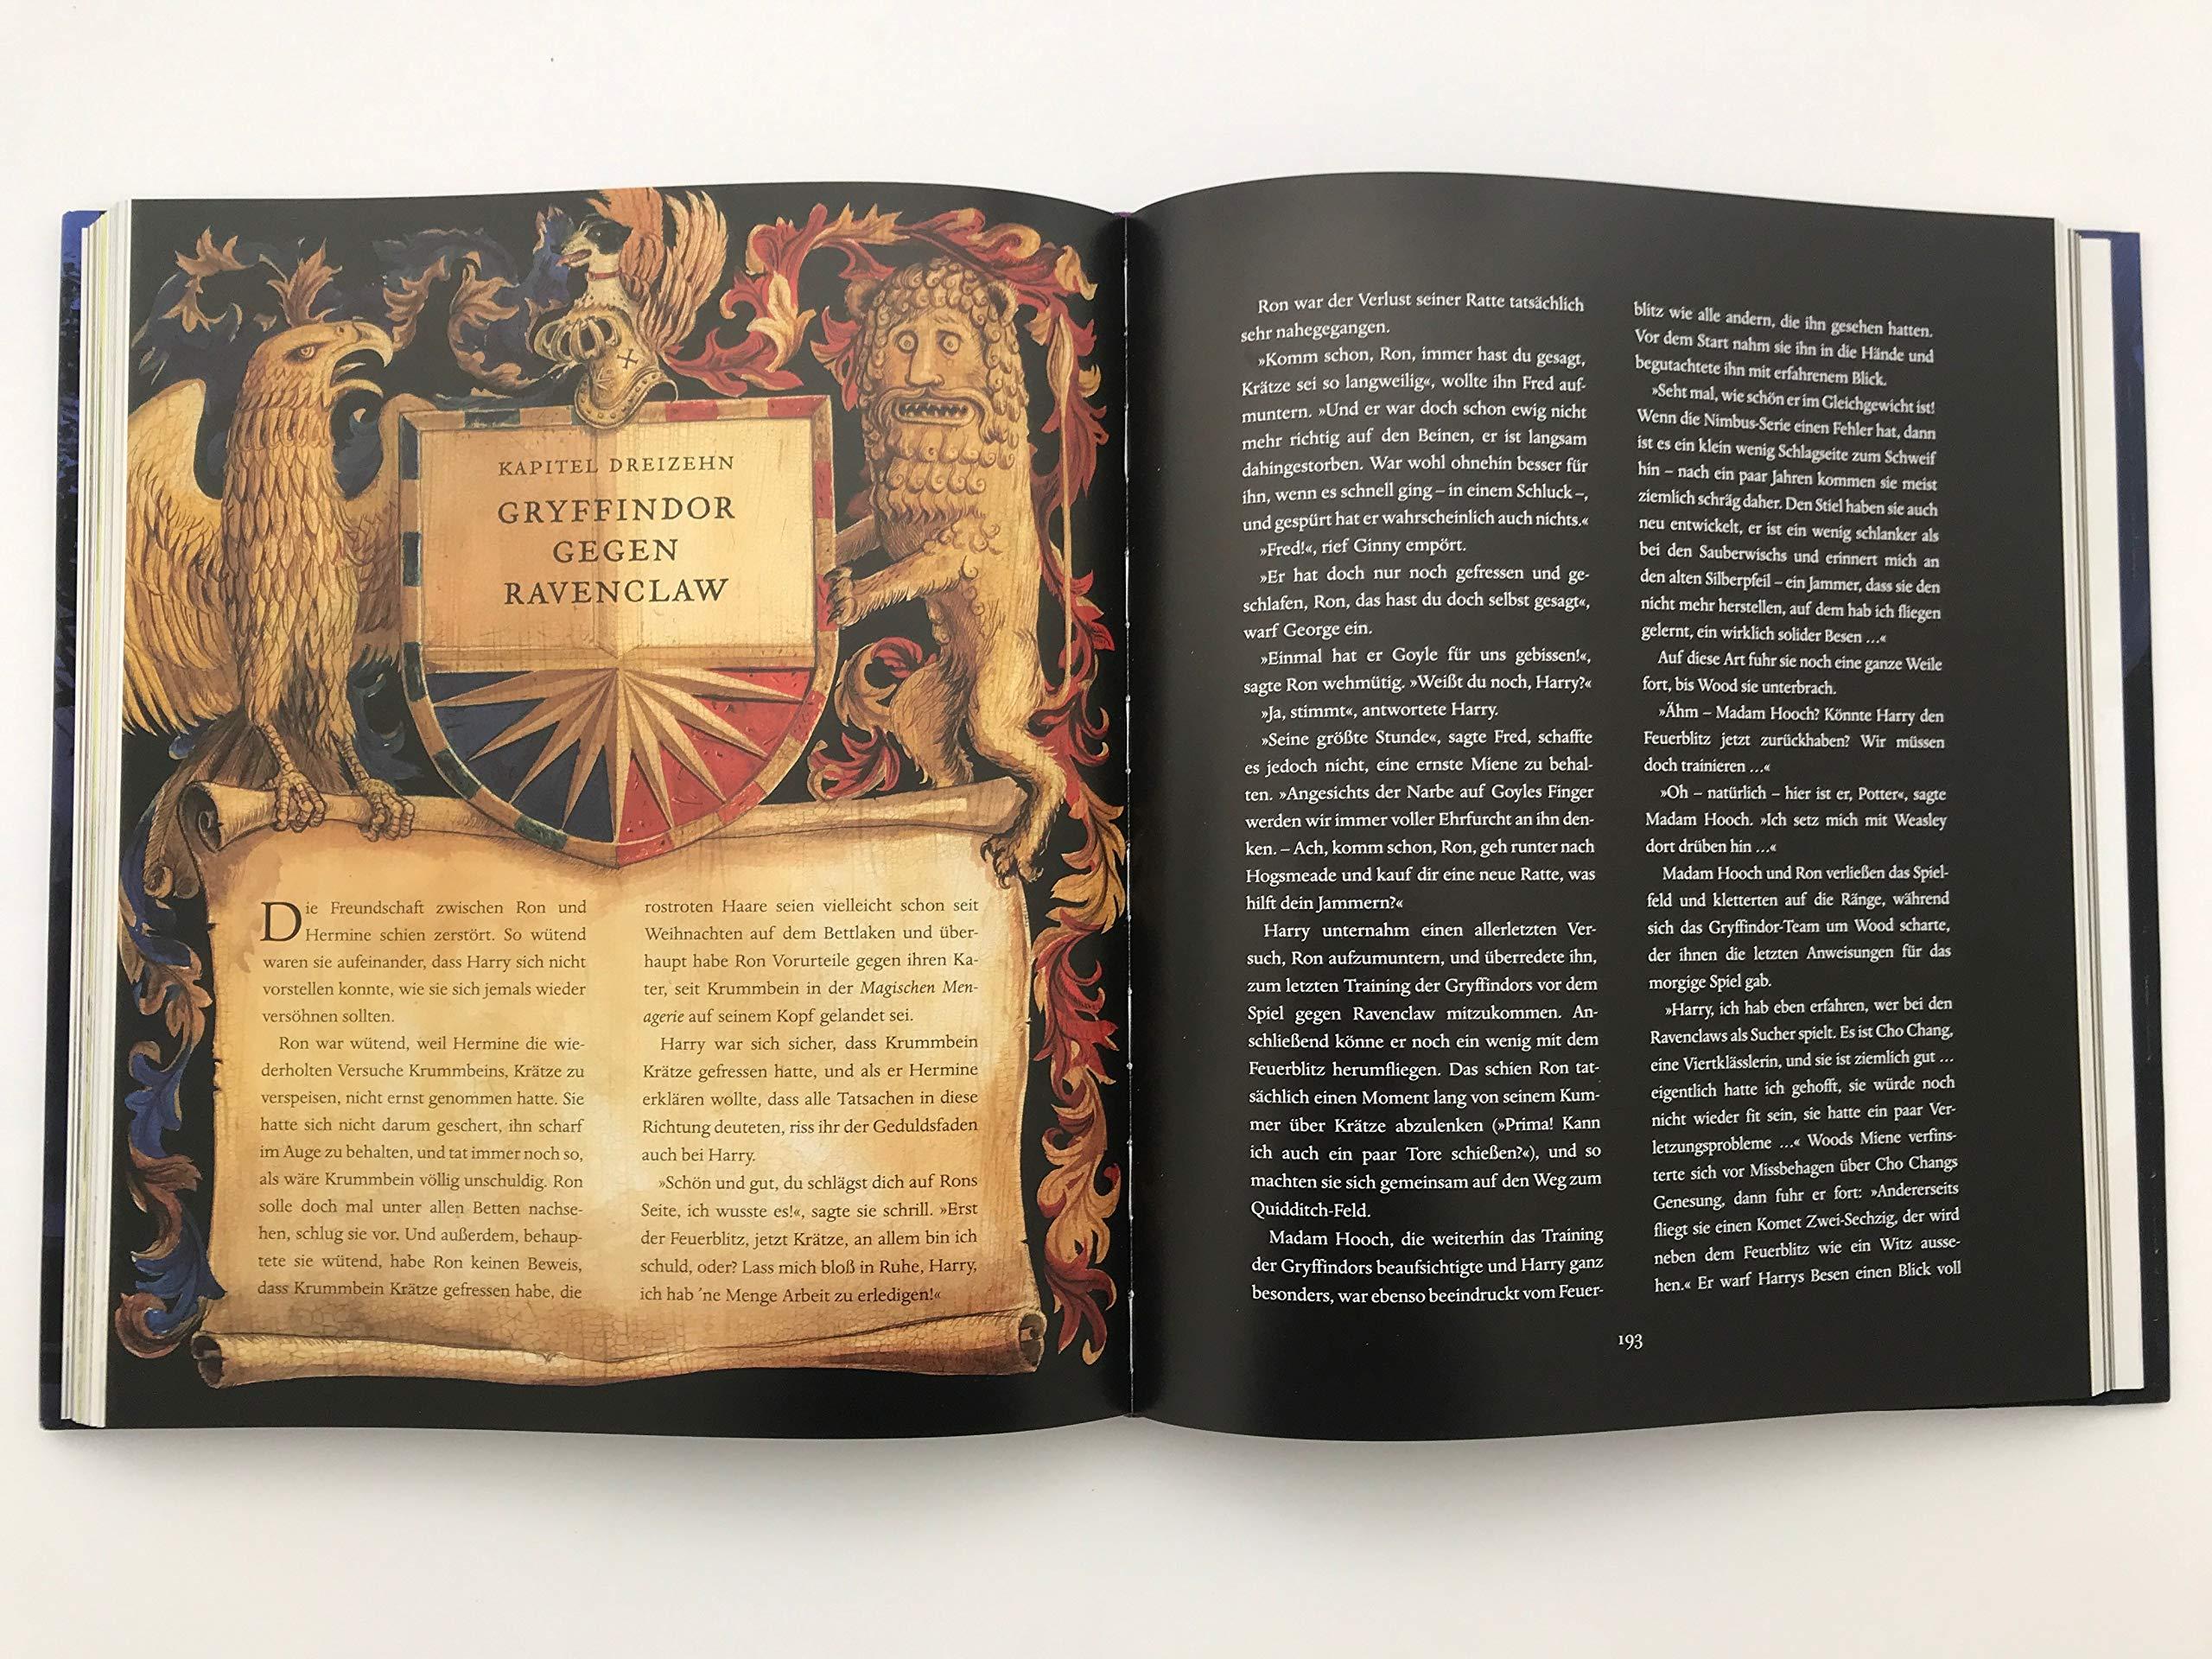 Harry Potter Und Der Gefangene Von Askaban Farbig Illustrierte